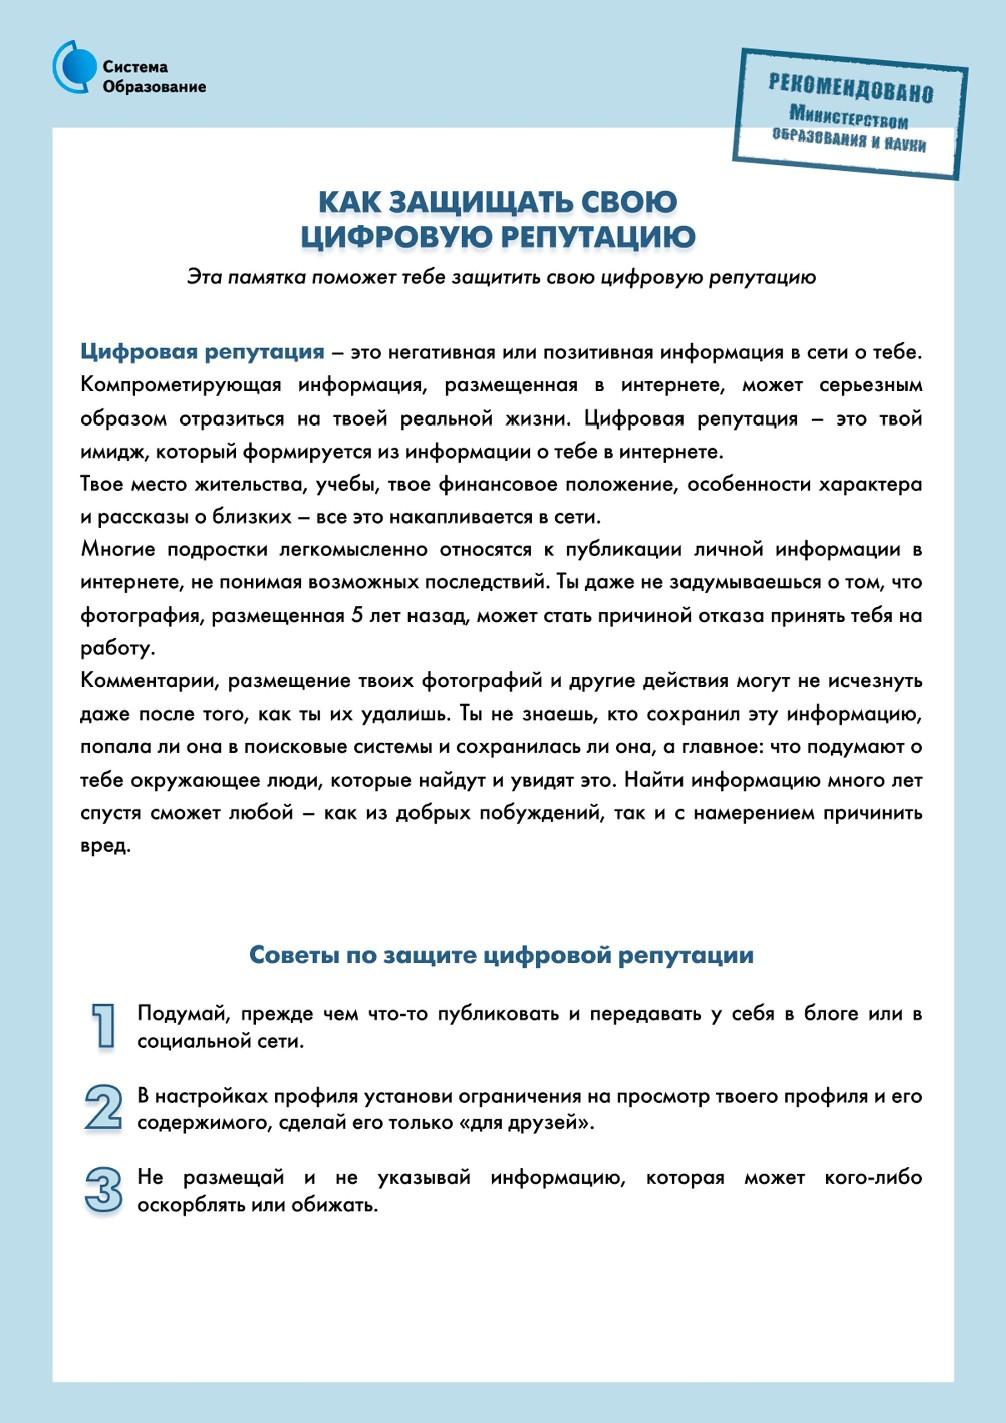 Медаль 100 лет государственной службы и кадров МВД